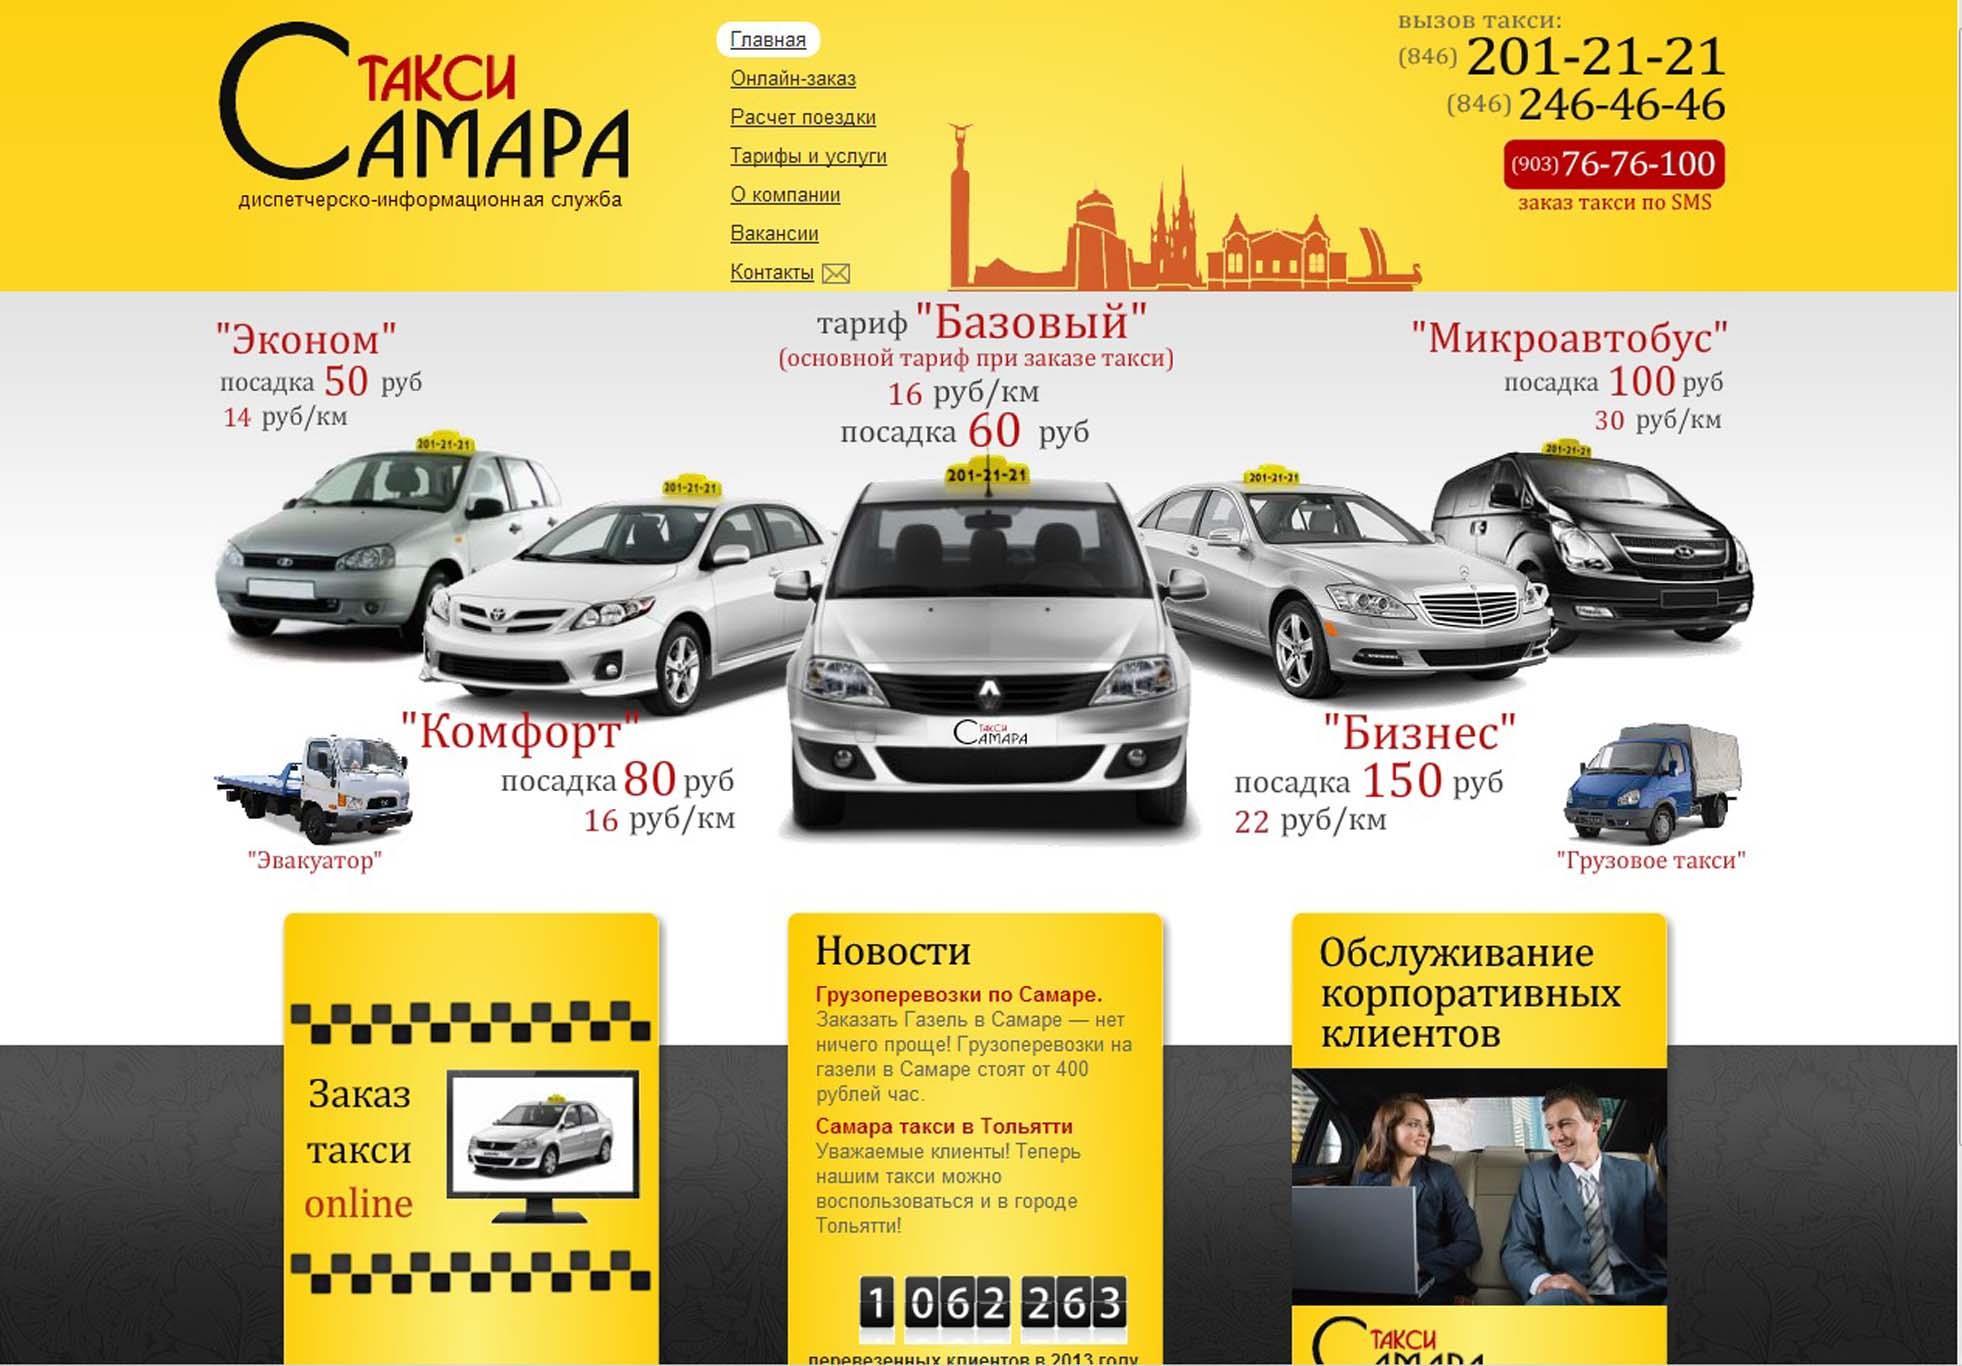 Дубликаты гос номеров на такси за 5 минут - 900 руб 43